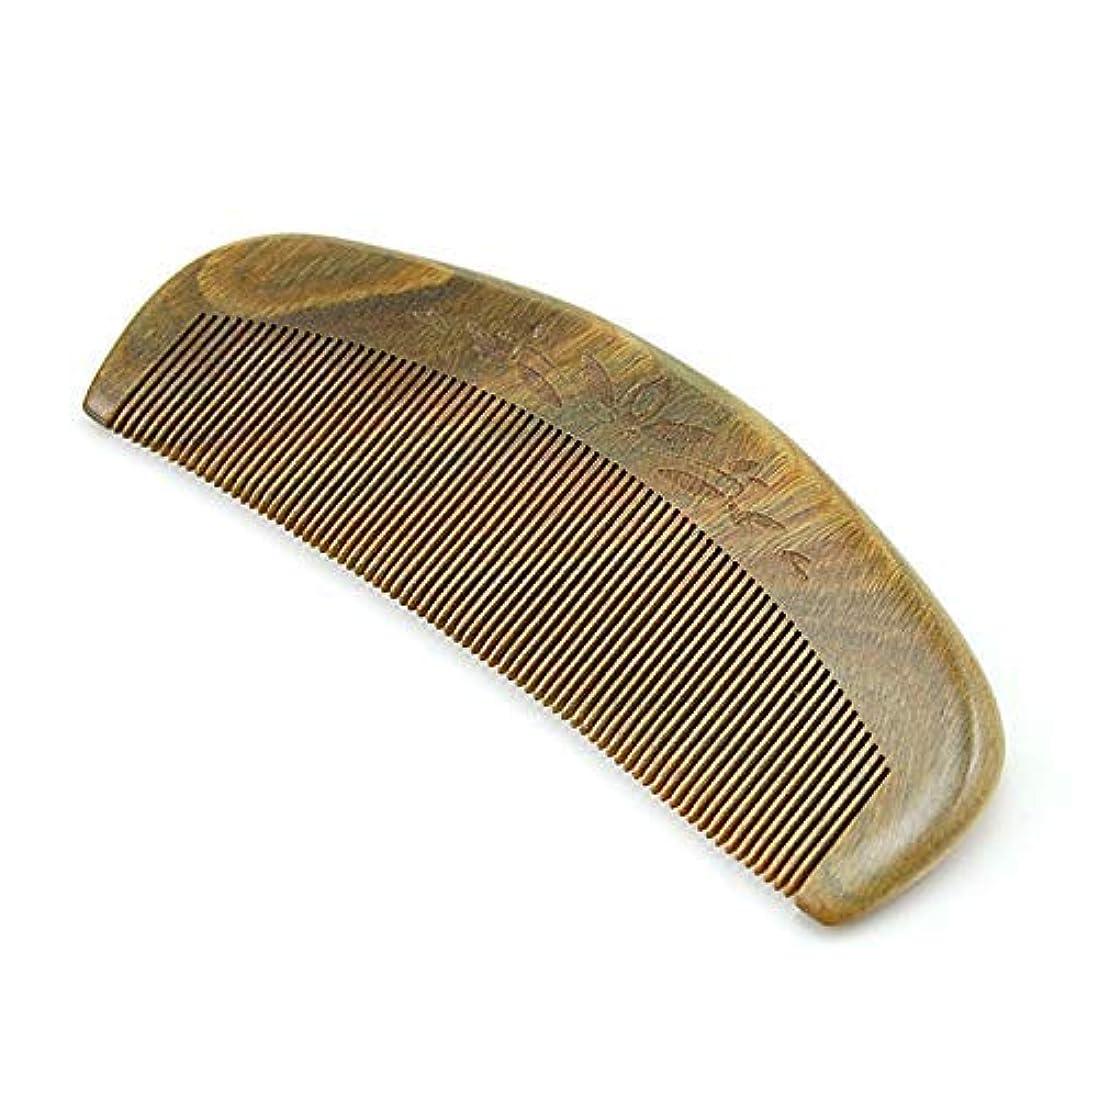 ボクシング歌う祝うBrand New and Natural Green Sandalwood Fine Tooth Comb, Anti Static Pocket Wooden Comb [並行輸入品]